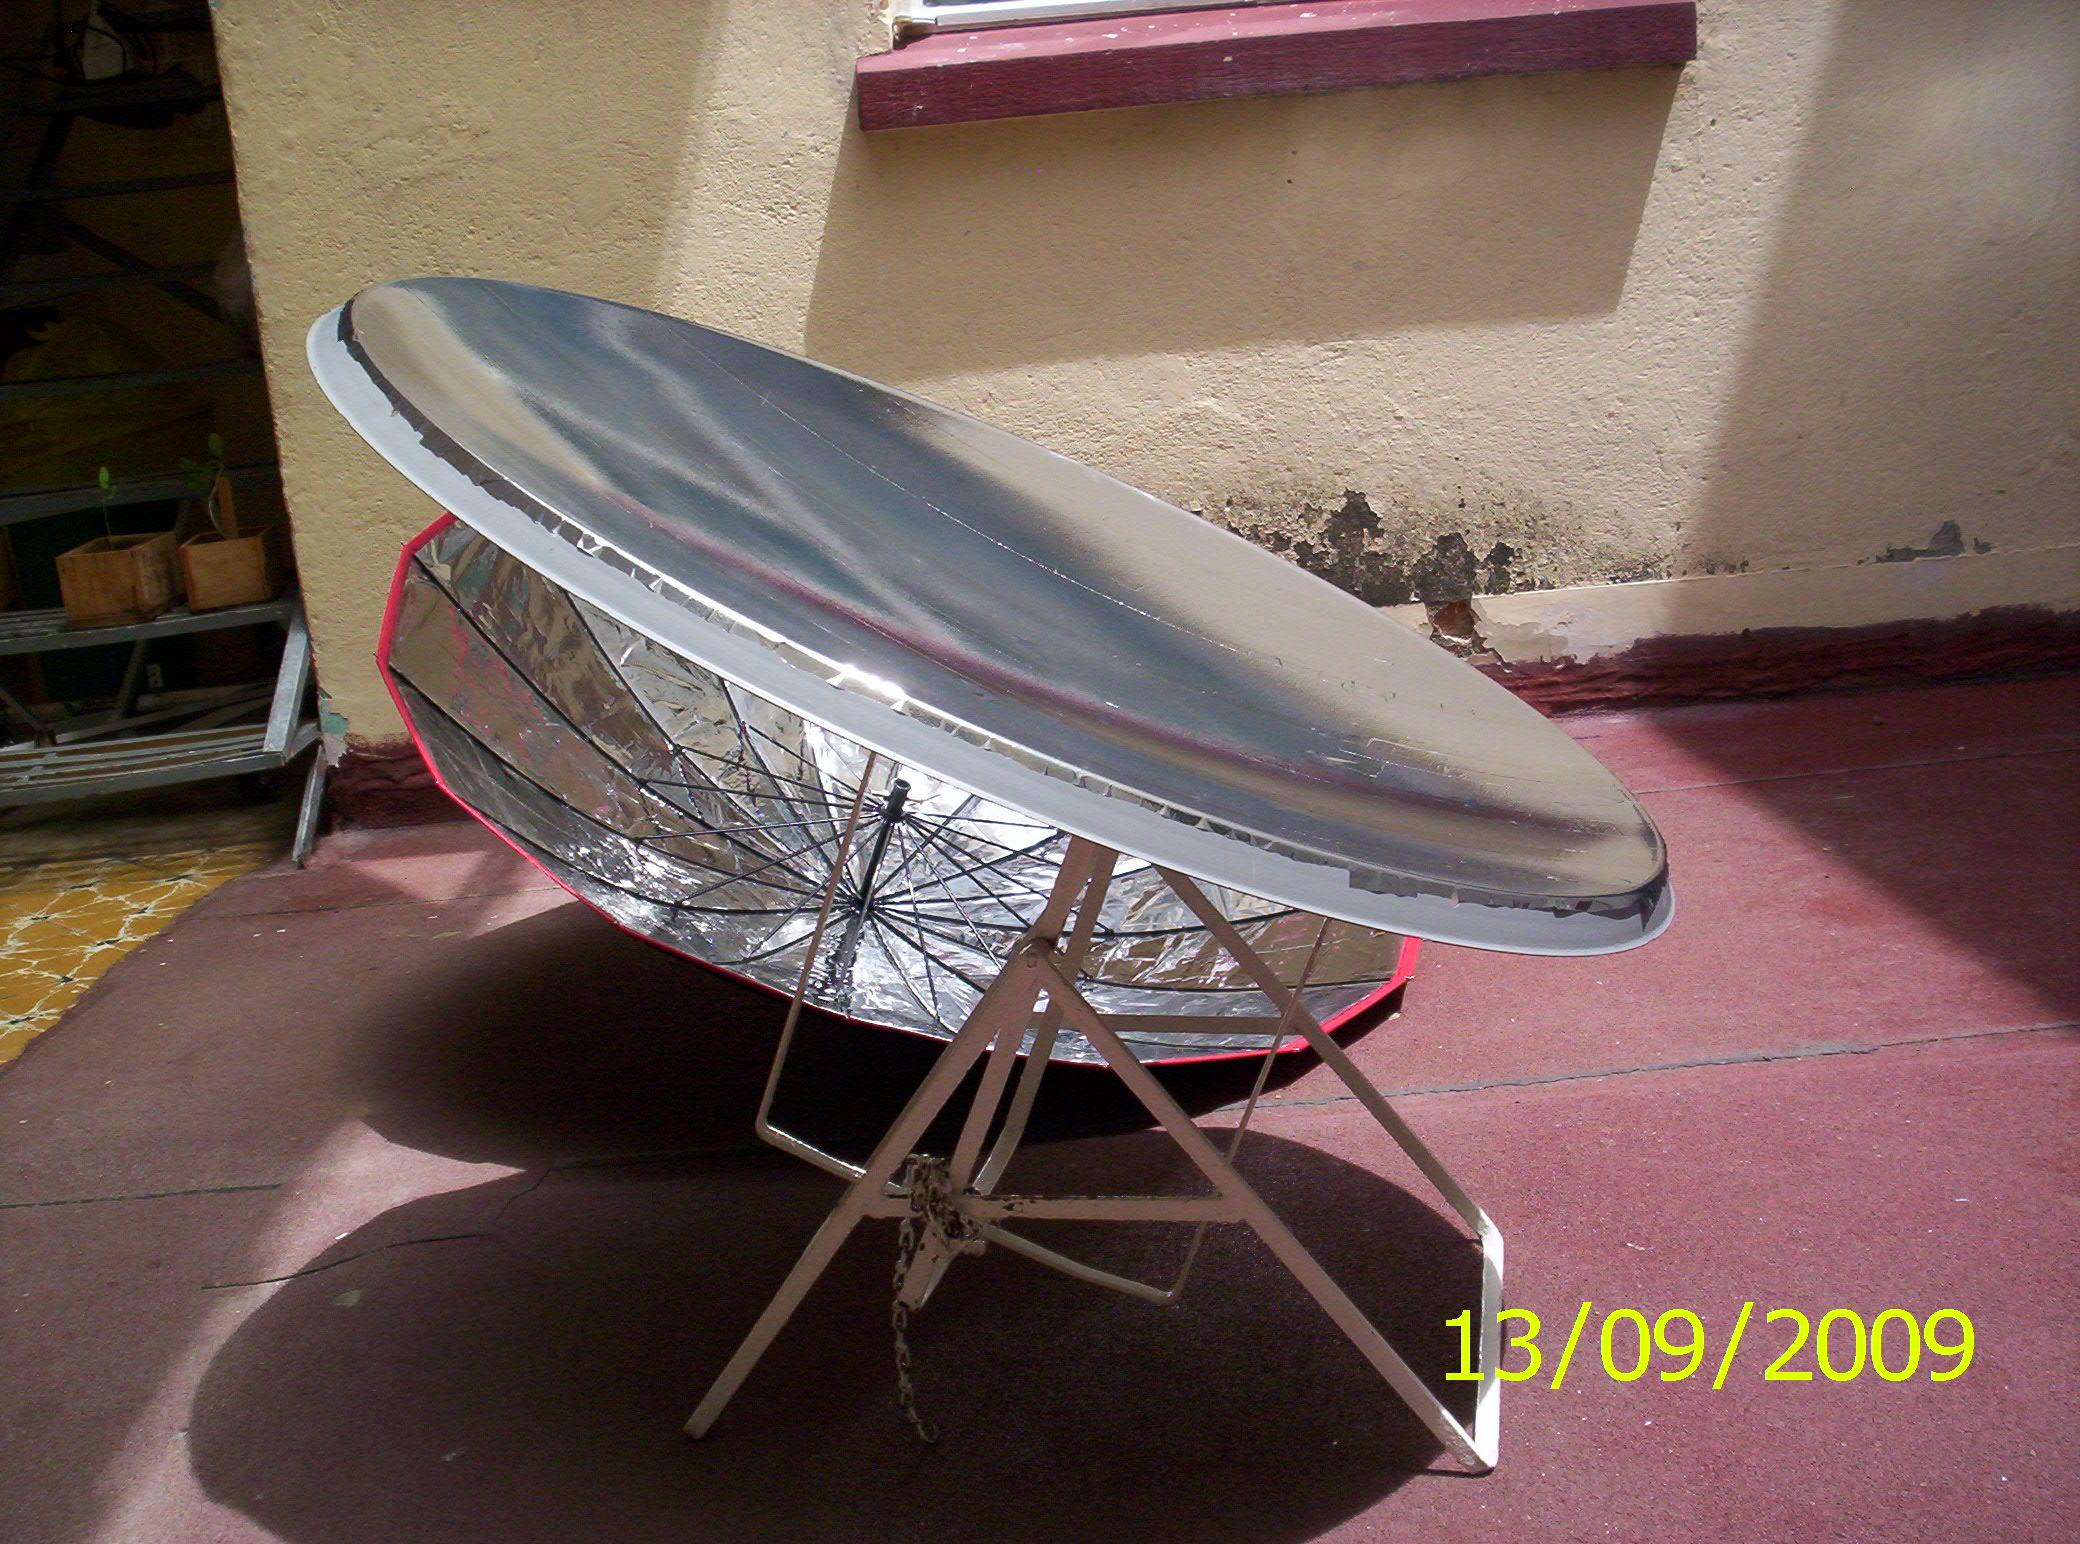 Construcci n de una cocina solar parab lica con una antena - Precios de antenas de television ...